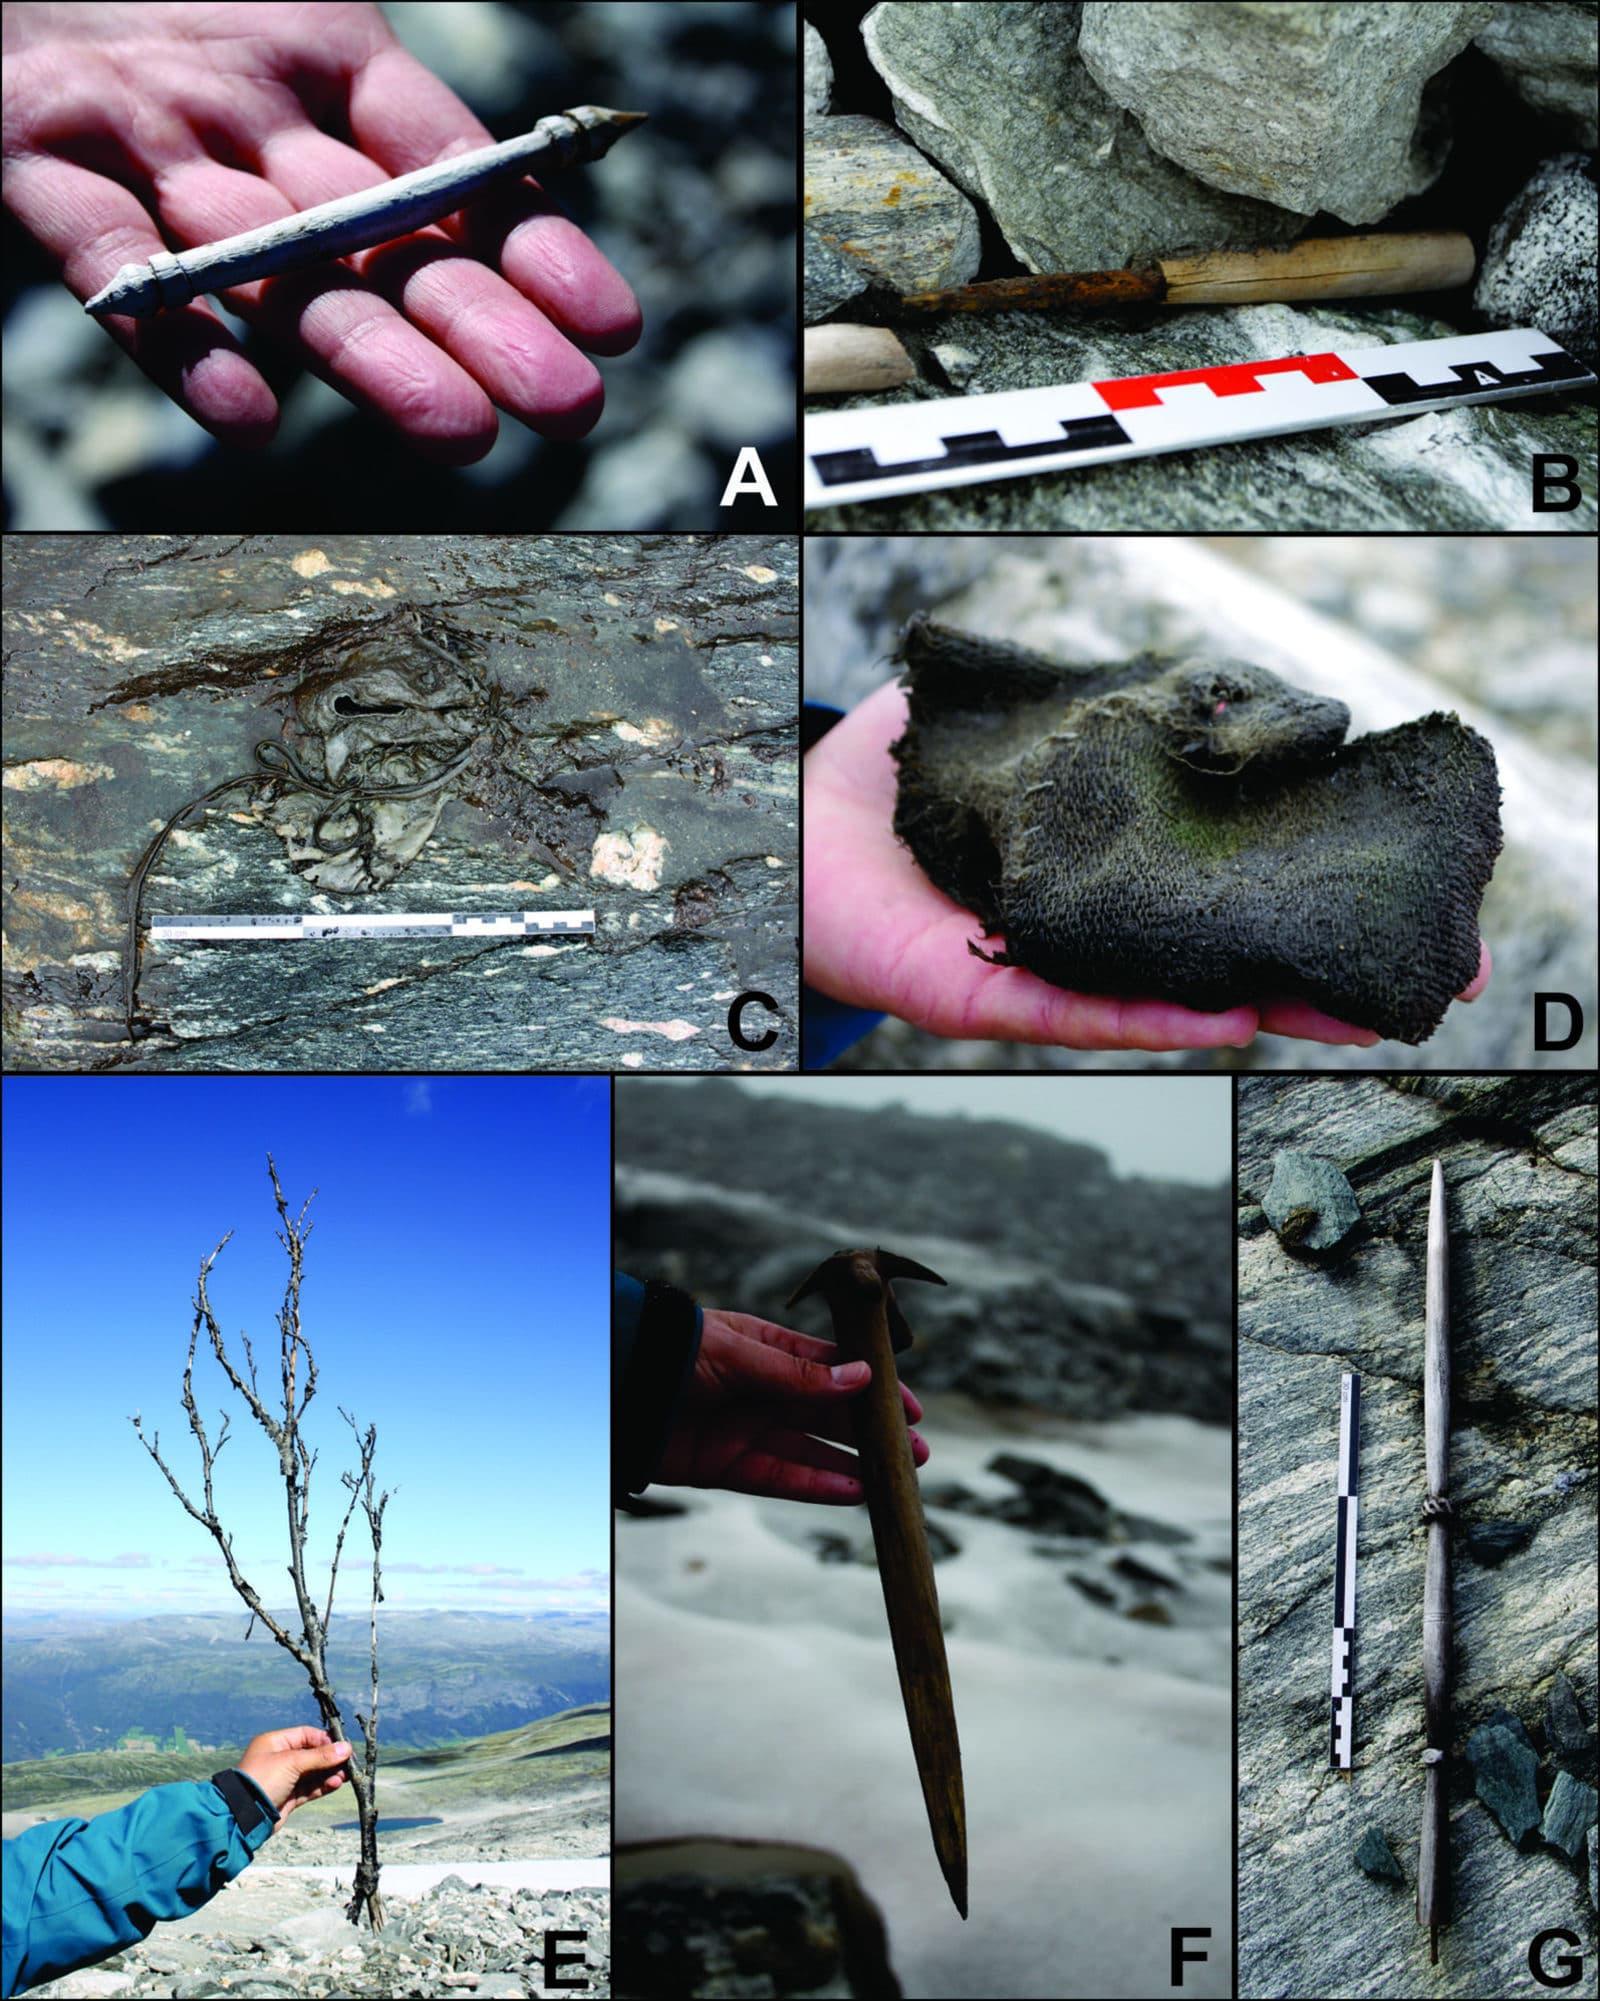 (A) ferramenta de perfuração feita com chifre de cabra ou de cordeiro, (B) faca com cabo de madeira, (C) sapato, (D) luva, (E) galho seco, (F) ferramenta de madeira, e (G) uma roca de fiar